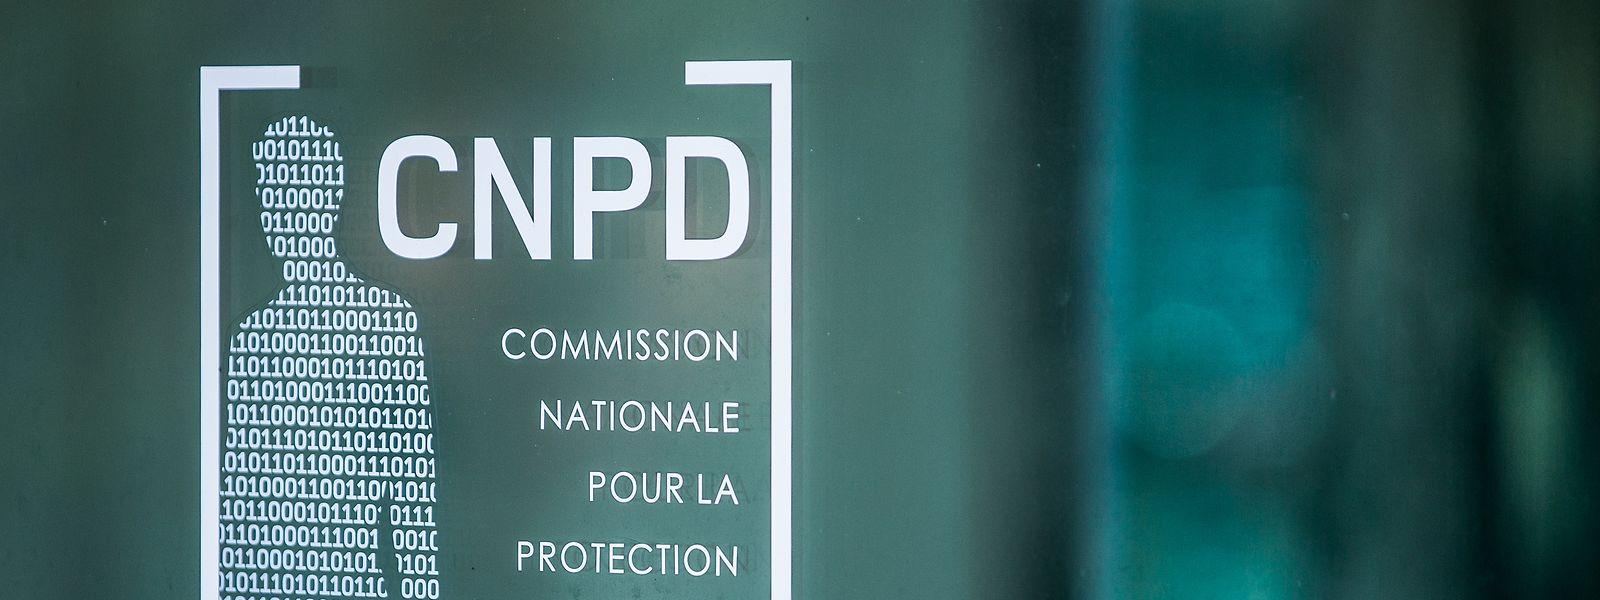 En 2018, la CNPD a reçu 400 plaintes, le double par rapport à l'année précédente.